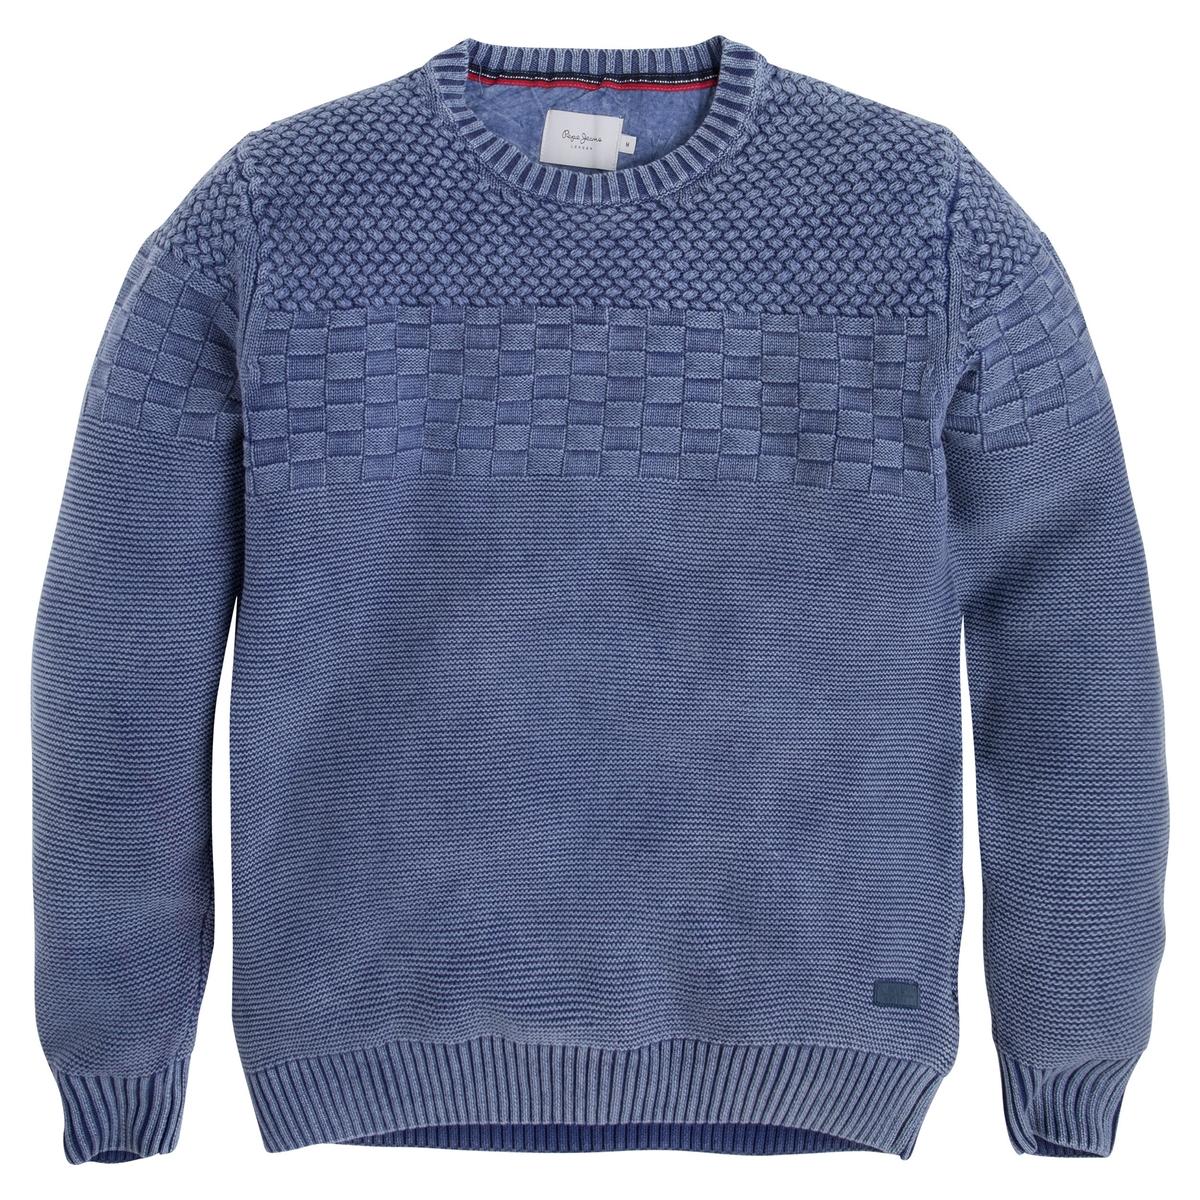 Пуловер с круглым вырезом, из тонкого трикотажаДетали •  Длинные рукава •  Круглый вырез •  Тонкий трикотажСостав и уход •  100% хлопок •  Следуйте советам по уходу, указанным на этикетке<br><br>Цвет: синий